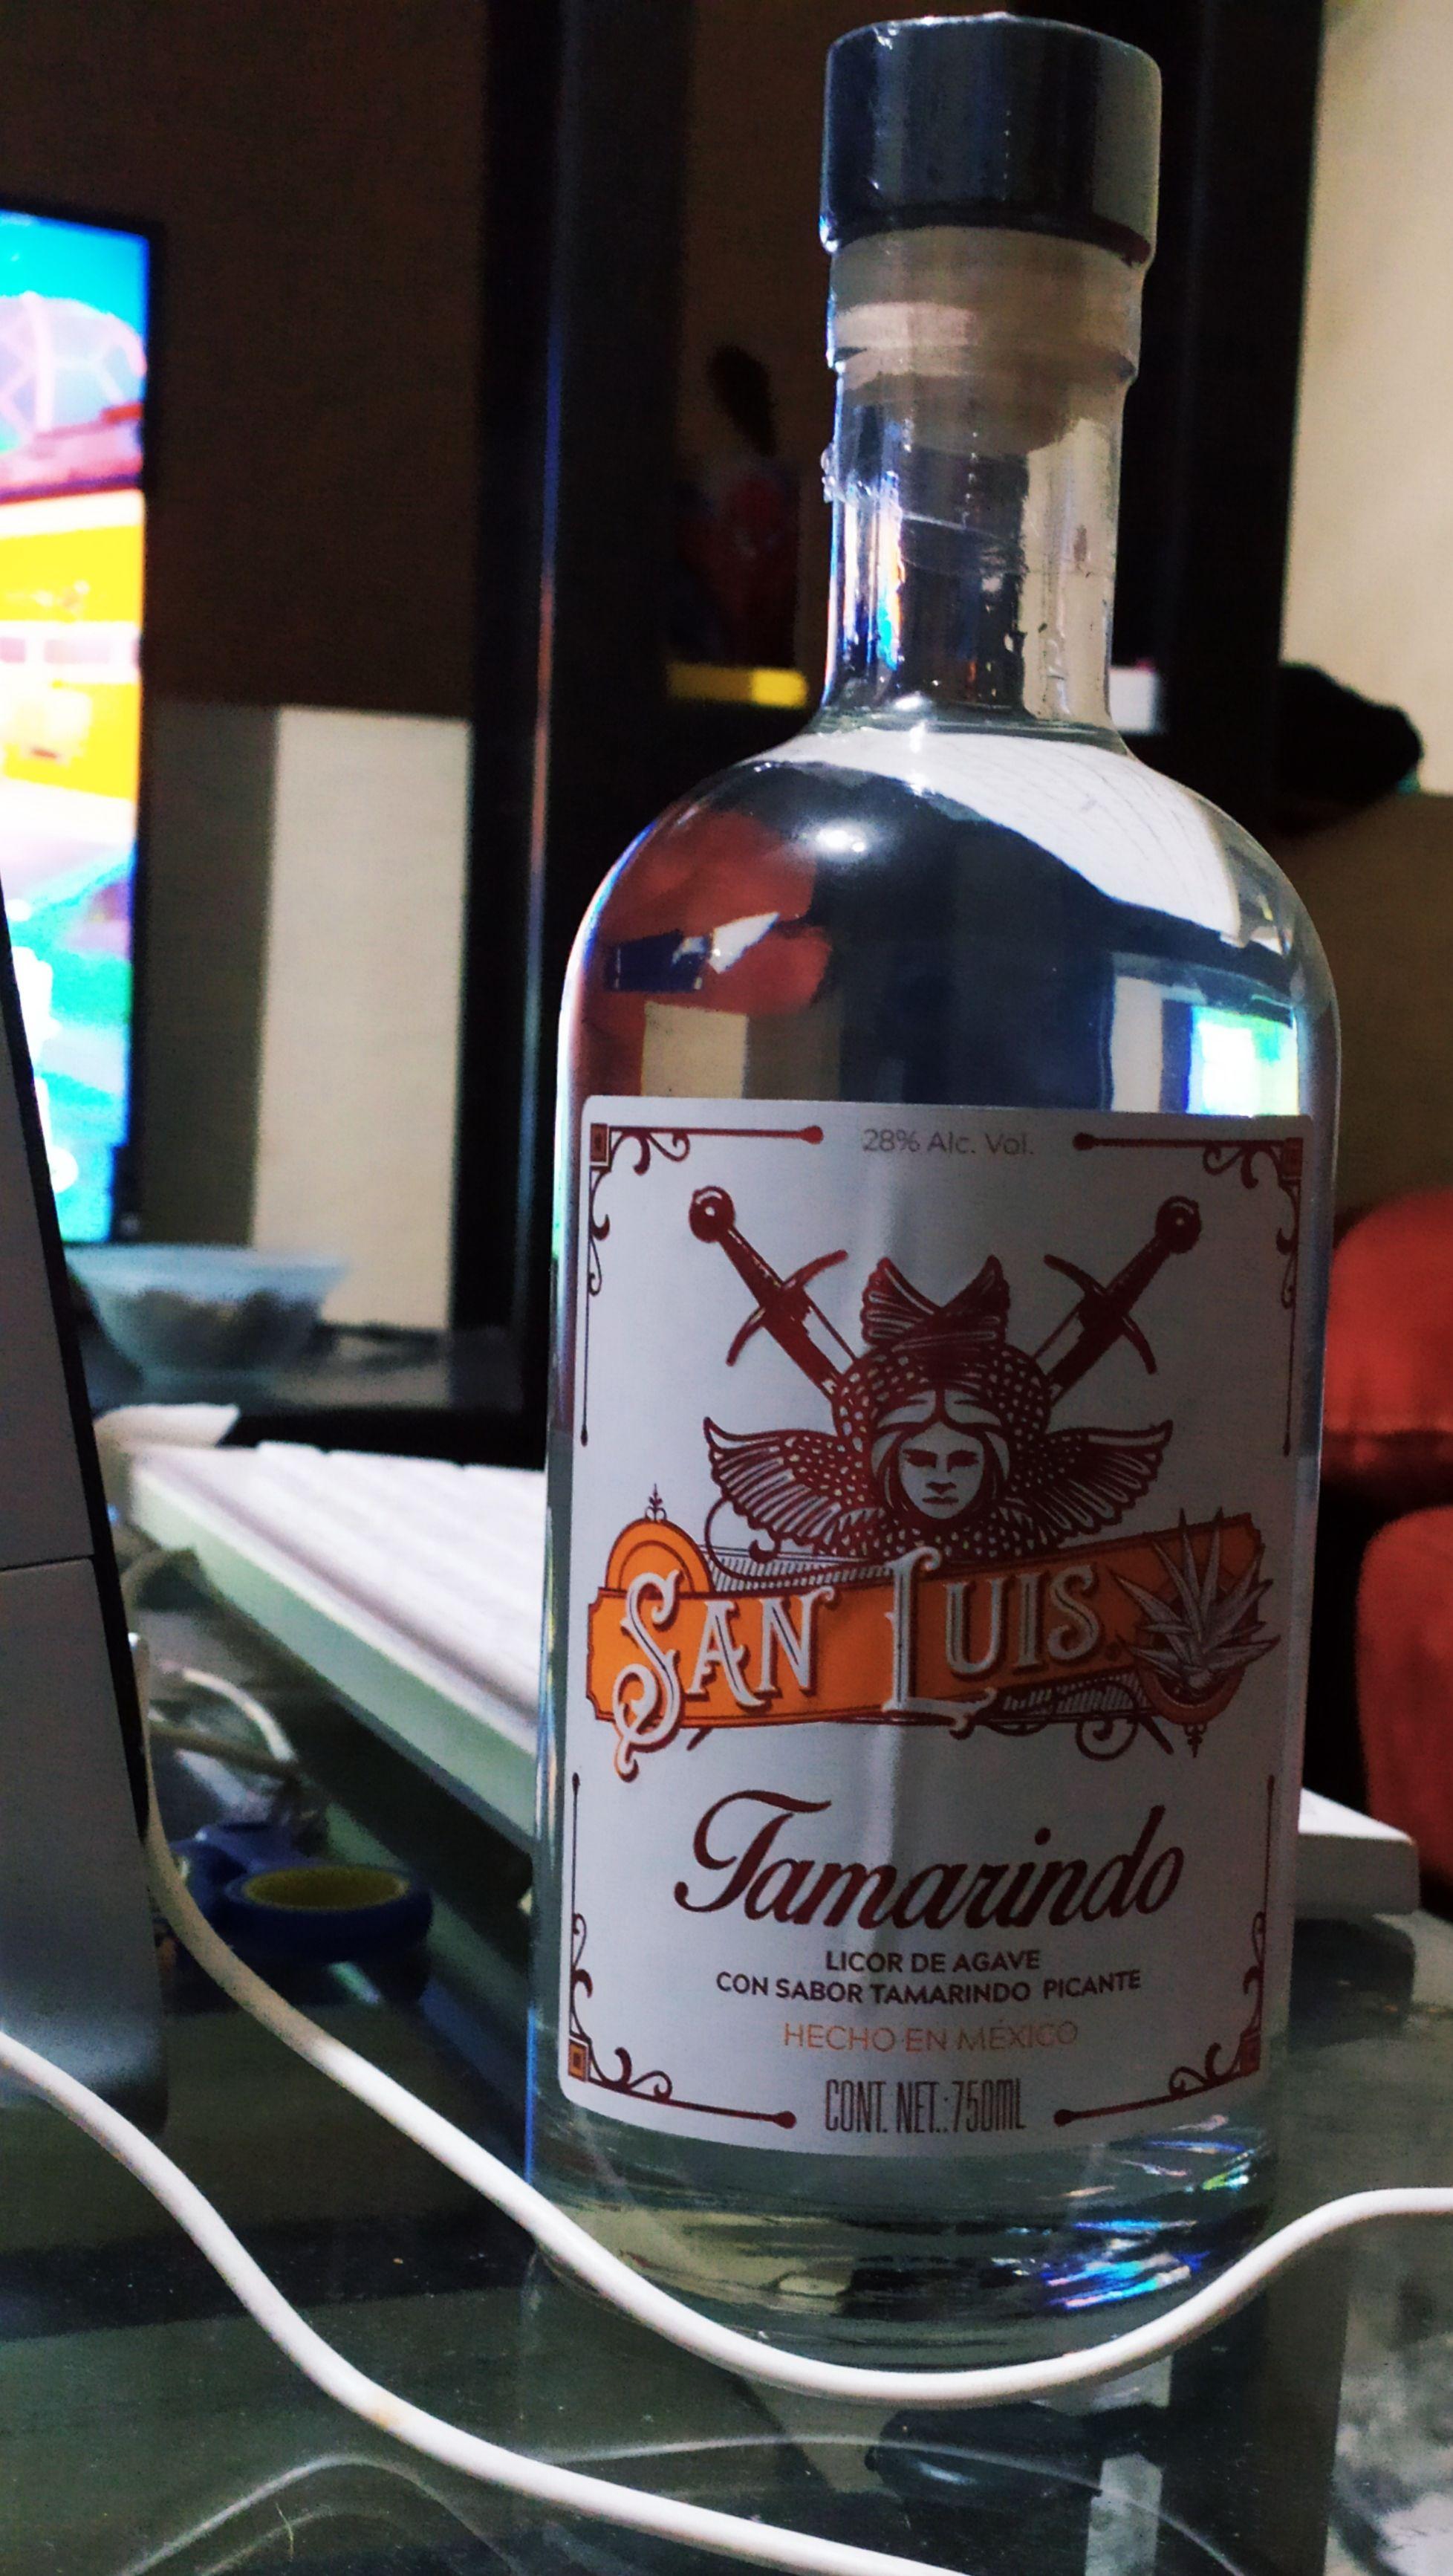 Bodega Aurrera: Licor de Agave Tamarindo Picante San Luis 750 ml